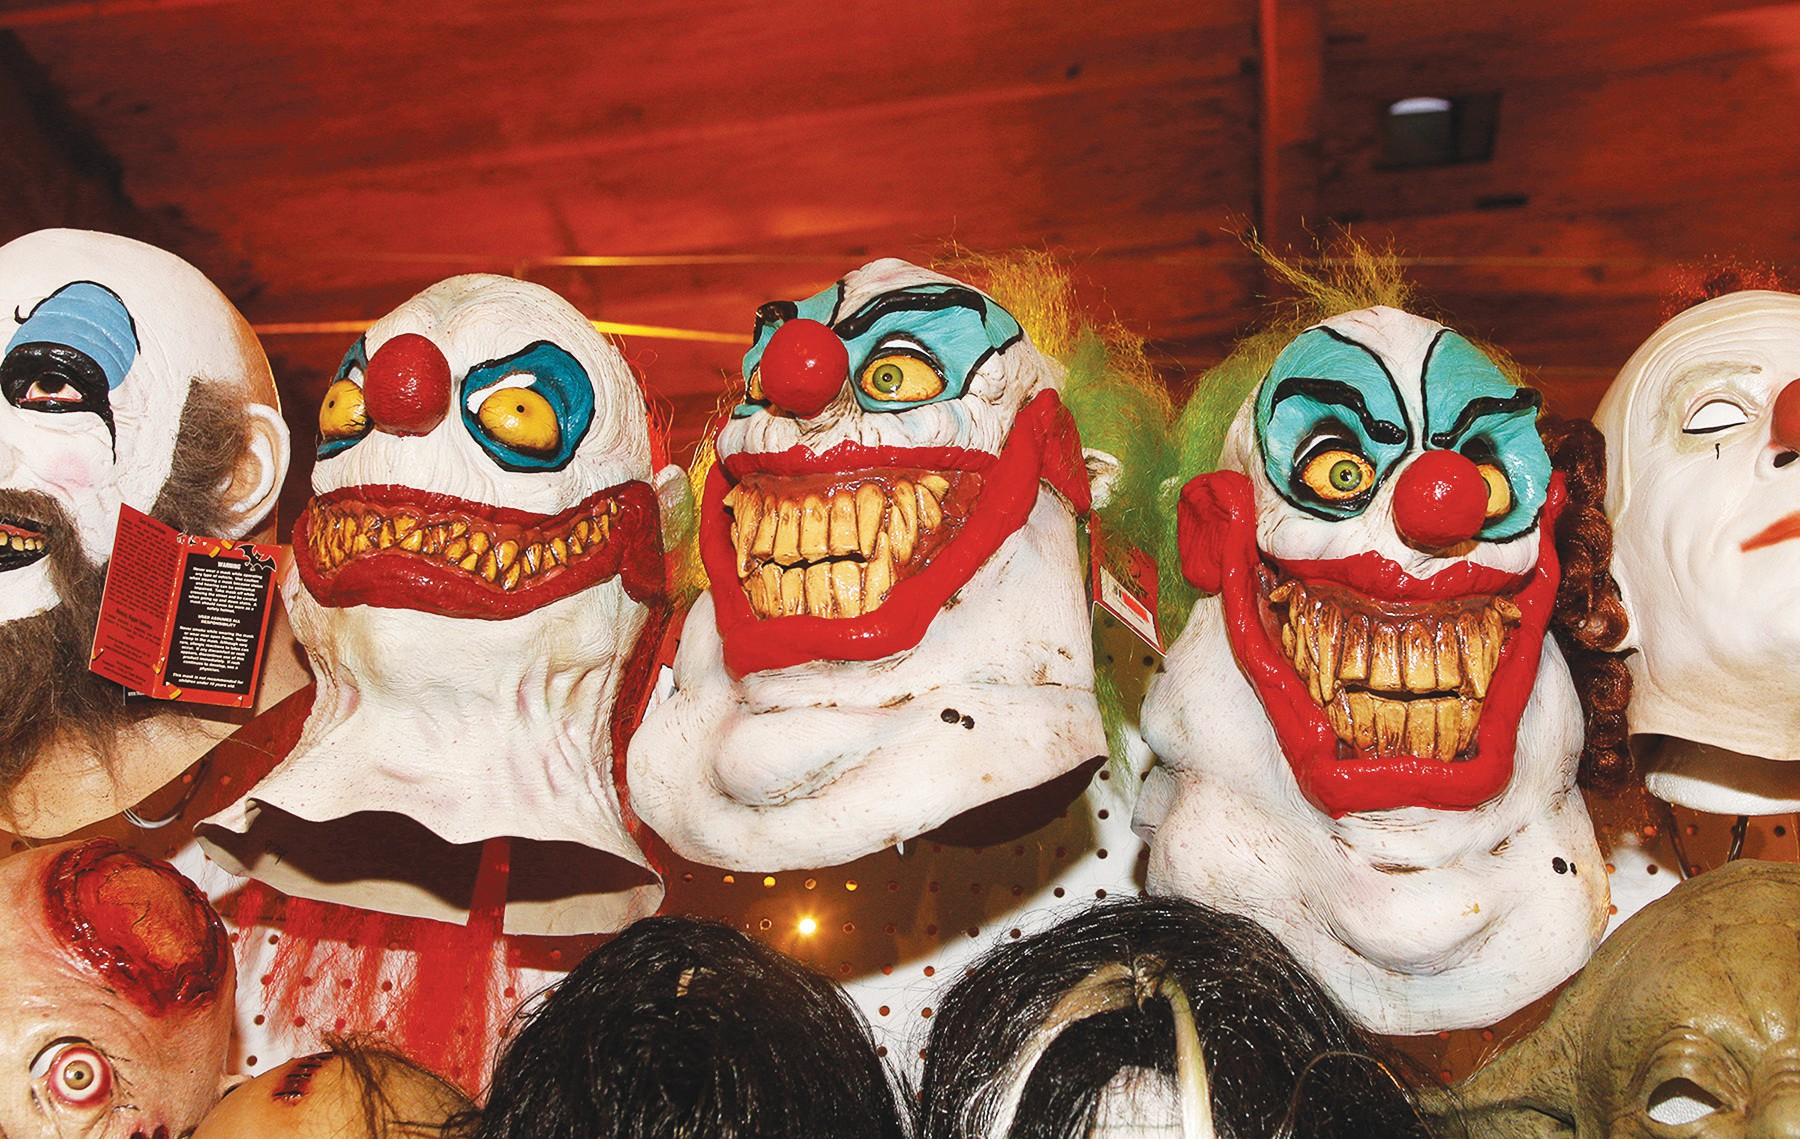 creepy clowns just a fad simi valley acorn